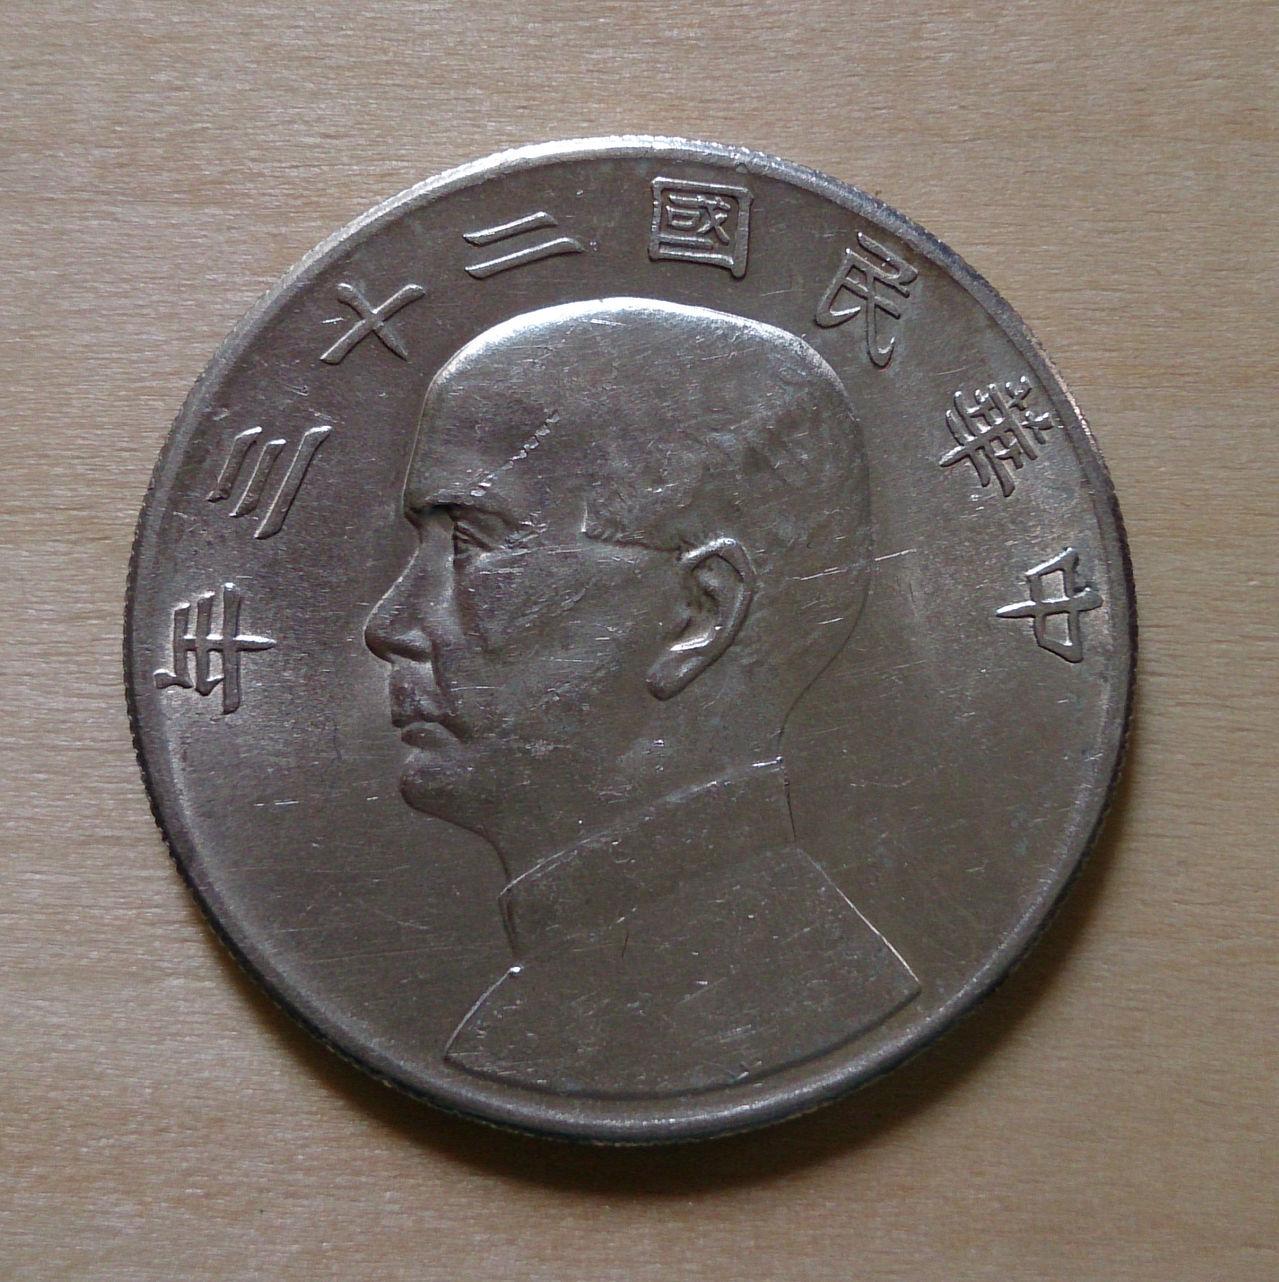 1 Dollar Chino 1934, Dr. Sun Yat-Sen. Image